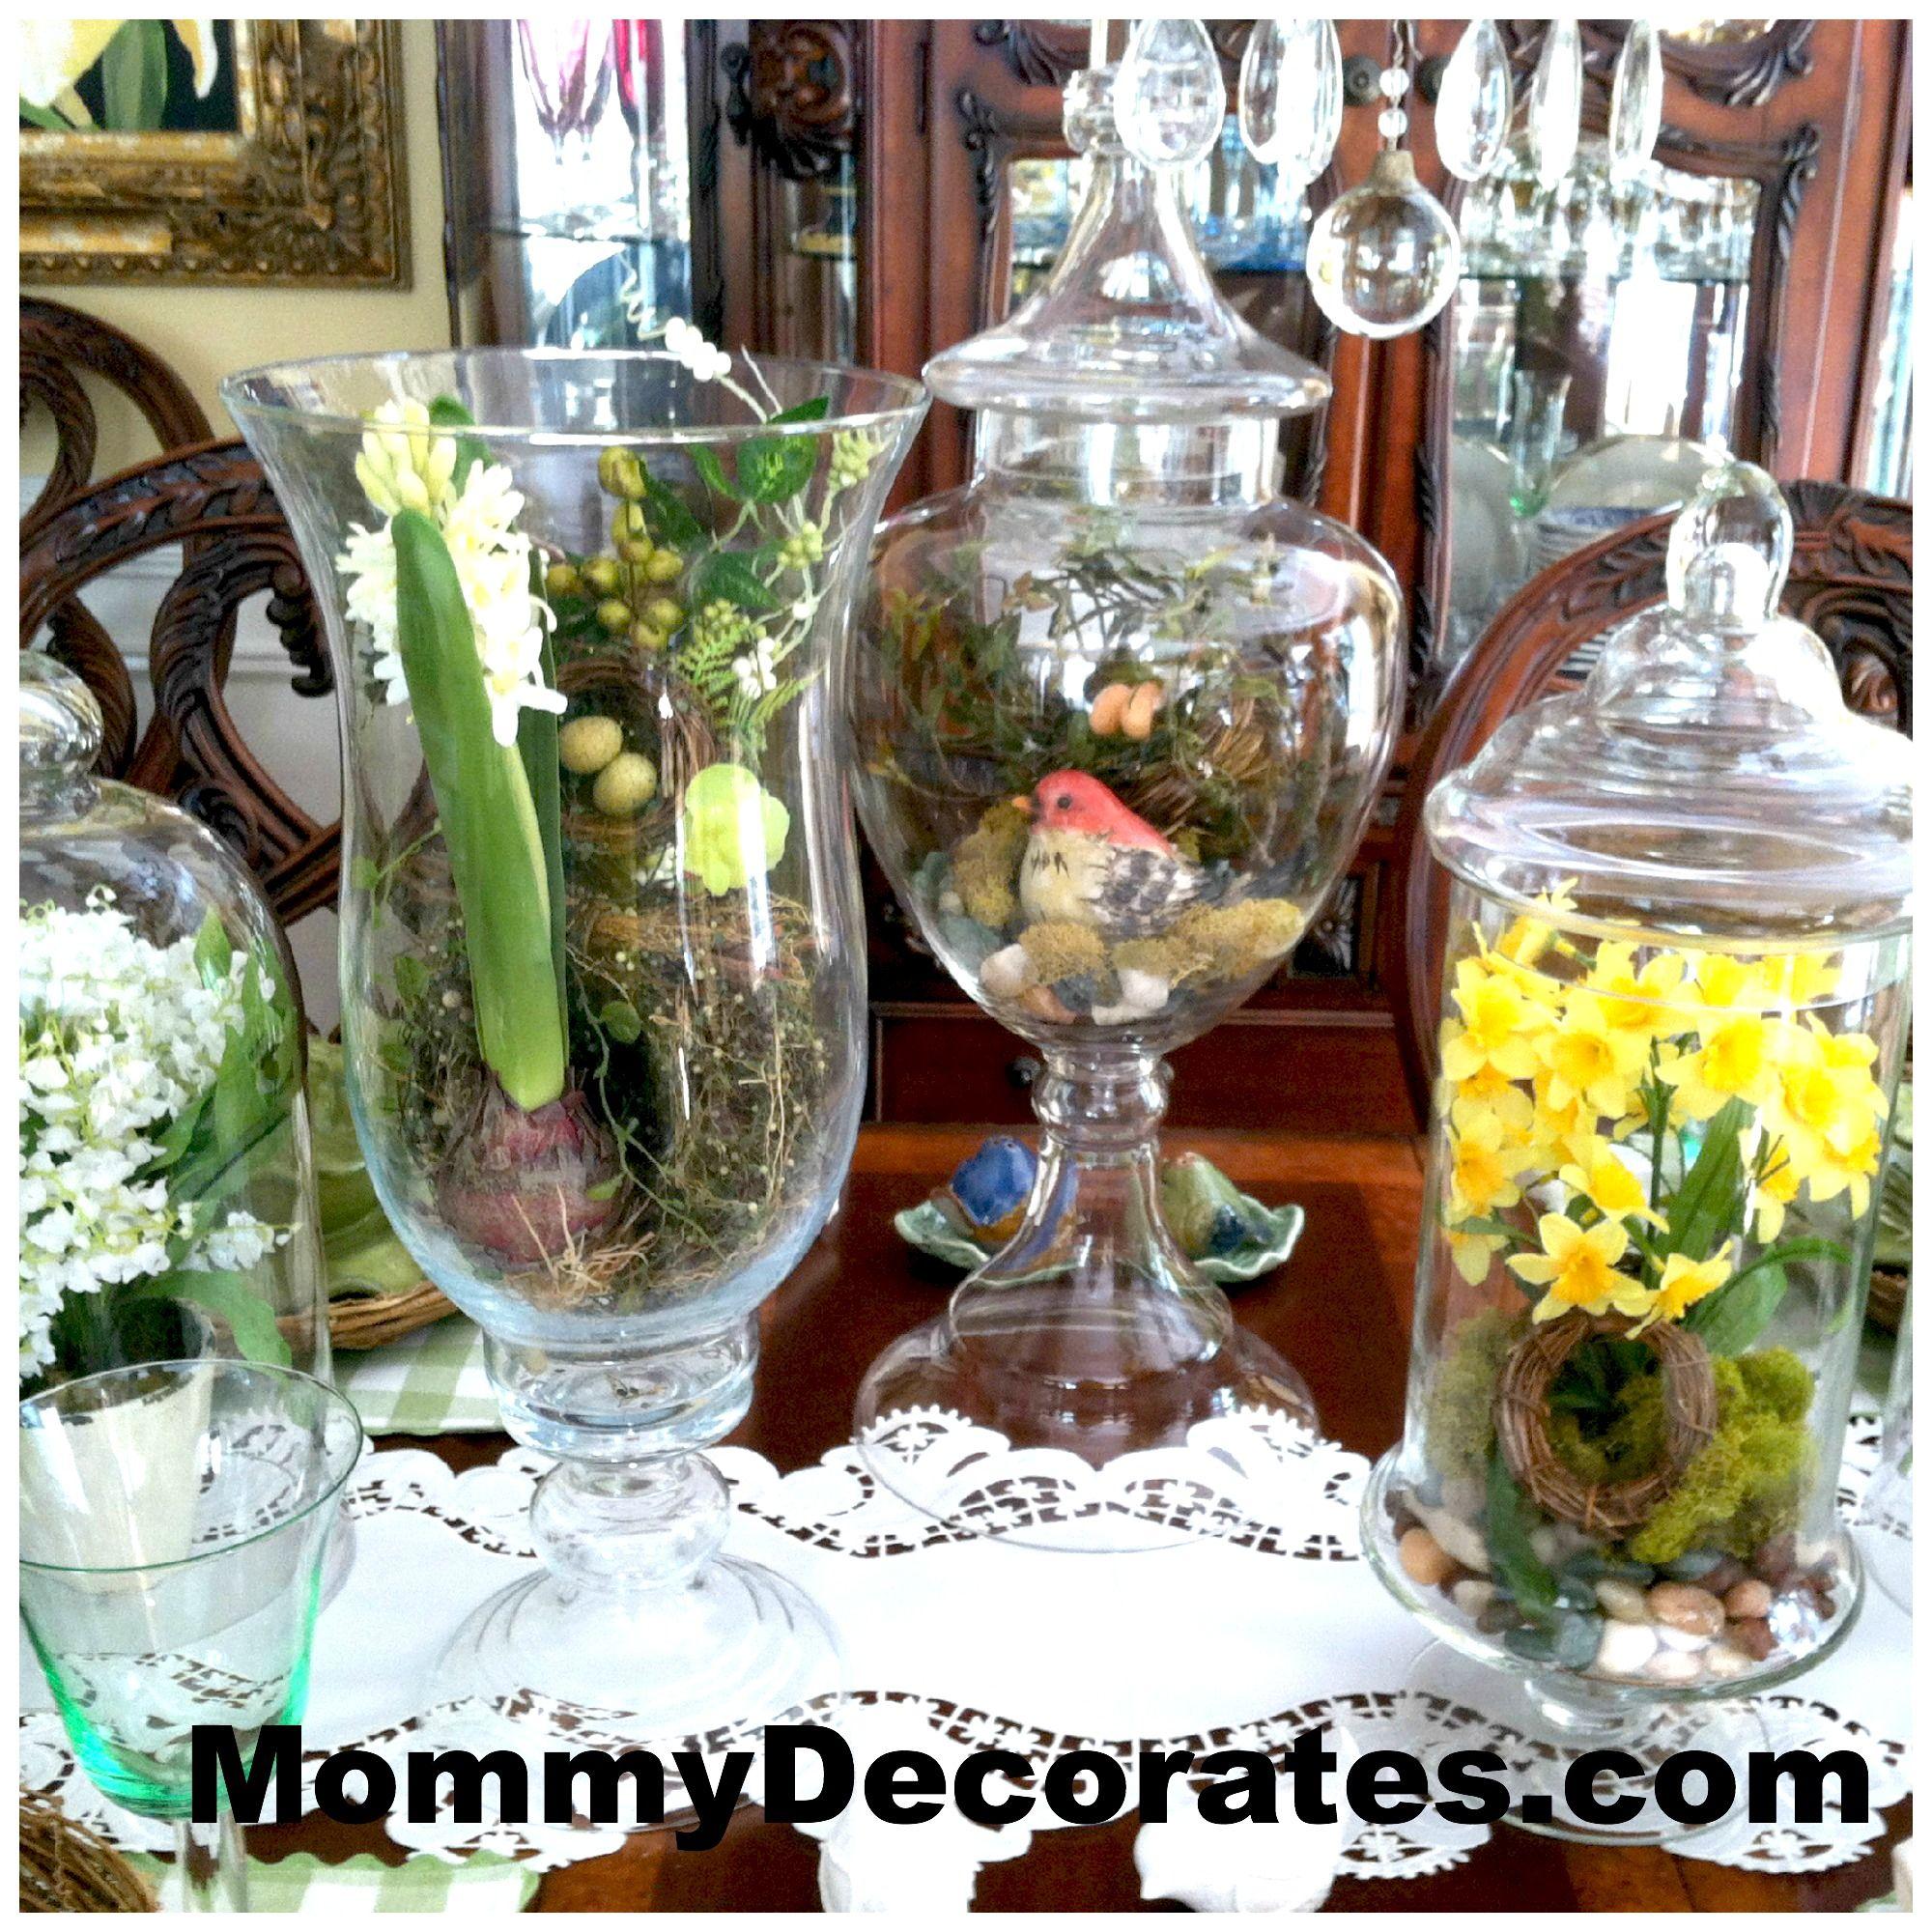 Apothecary jar decorating ideas 10 diy apothecary jar fillers apothecary jar decorating ideas 10 diy apothecary jar fillers for spring reviewsmspy